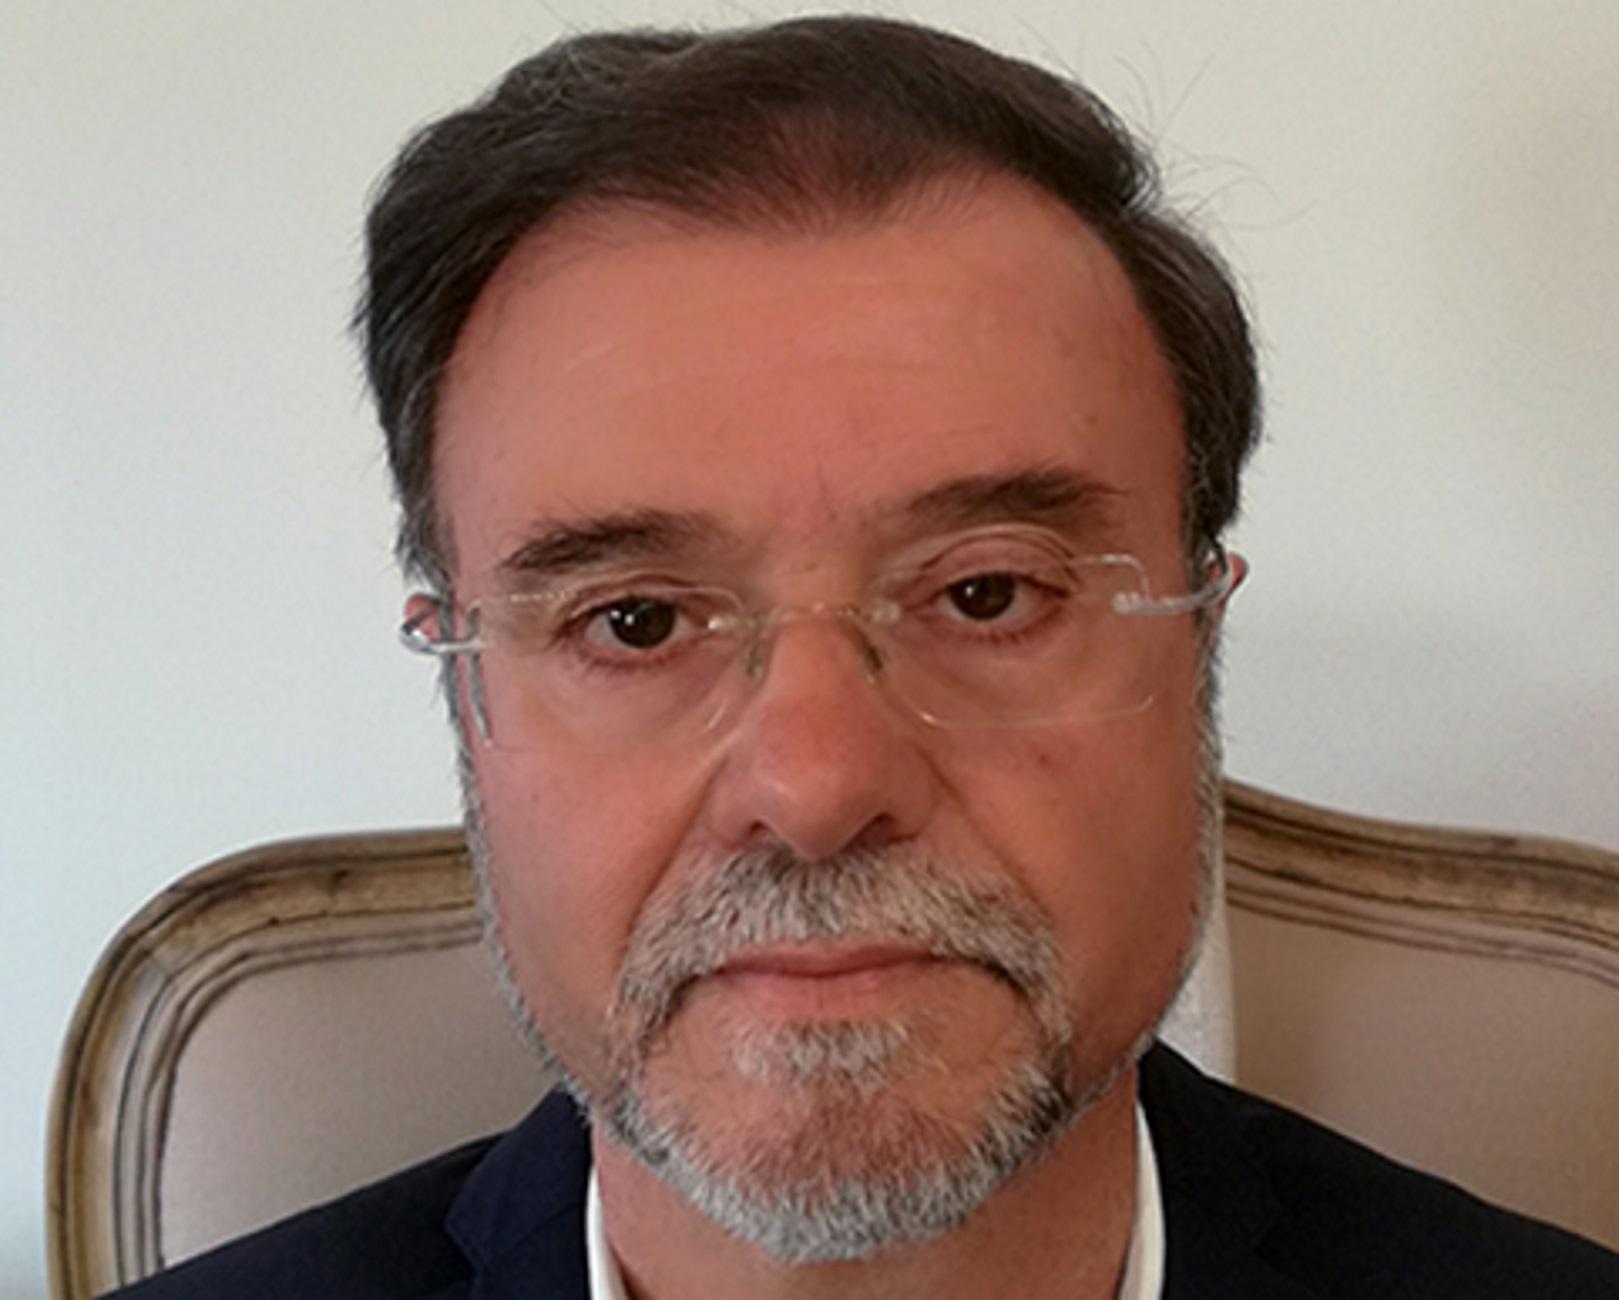 Κρήτη: Πέθανε ο Αρτέμης Σαϊτάκης – Η καταξίωση και η μάχη στην εντατική που αποδείχθηκε άνιση